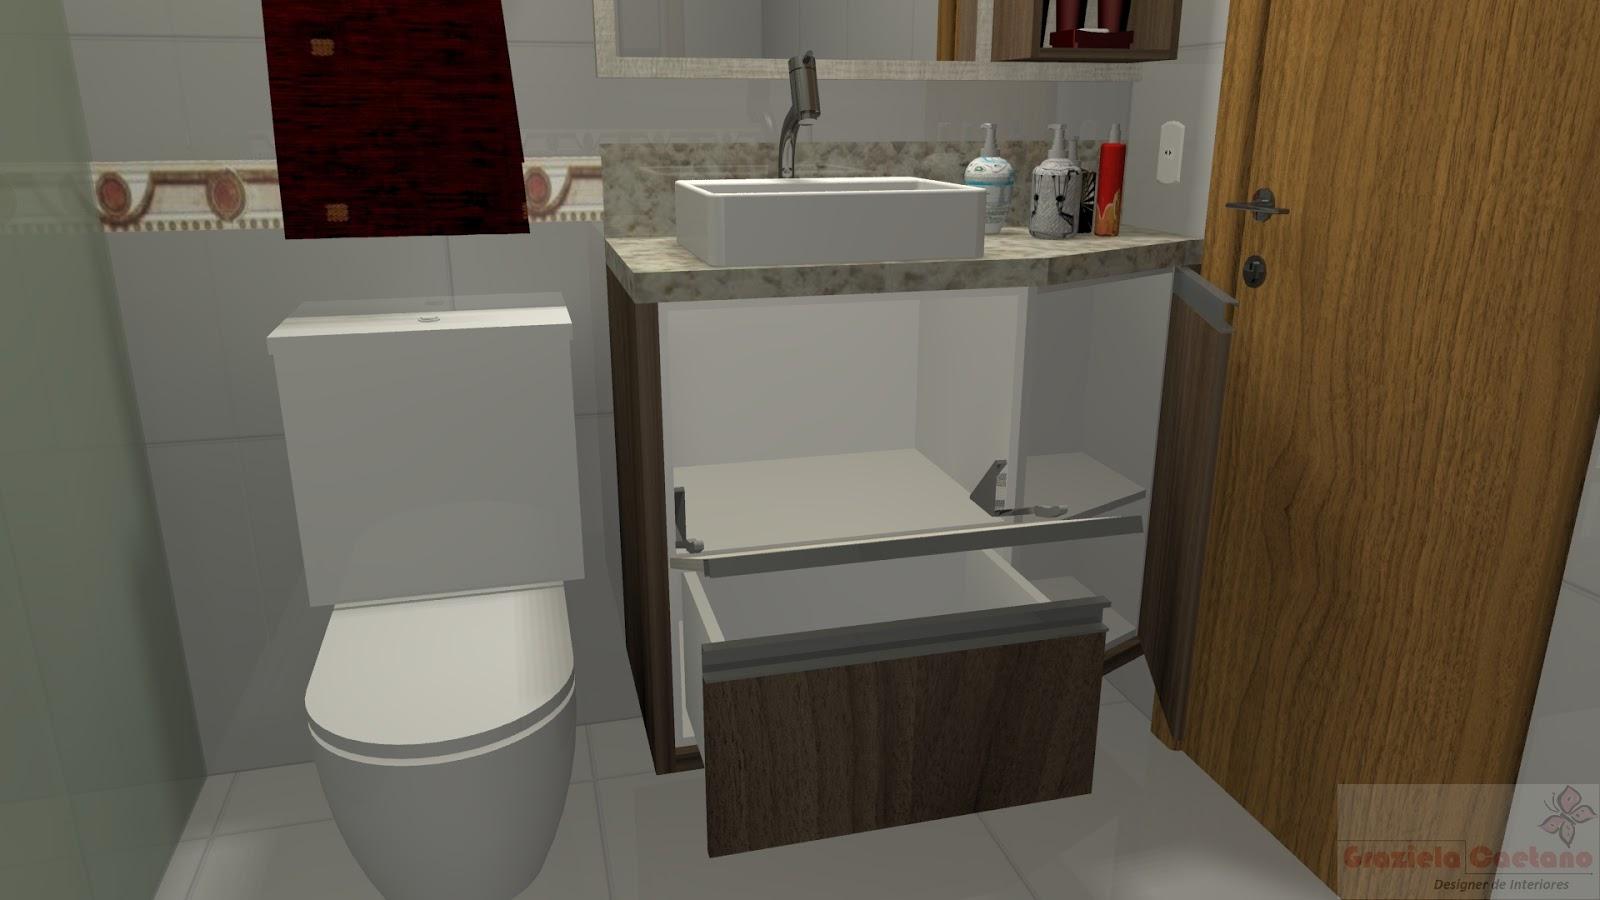 Espaço Nobre Design: Banheiro (Narita x Nogueira Boreal) #644825 1600x900 Balcão Banheiro Lojas Becker